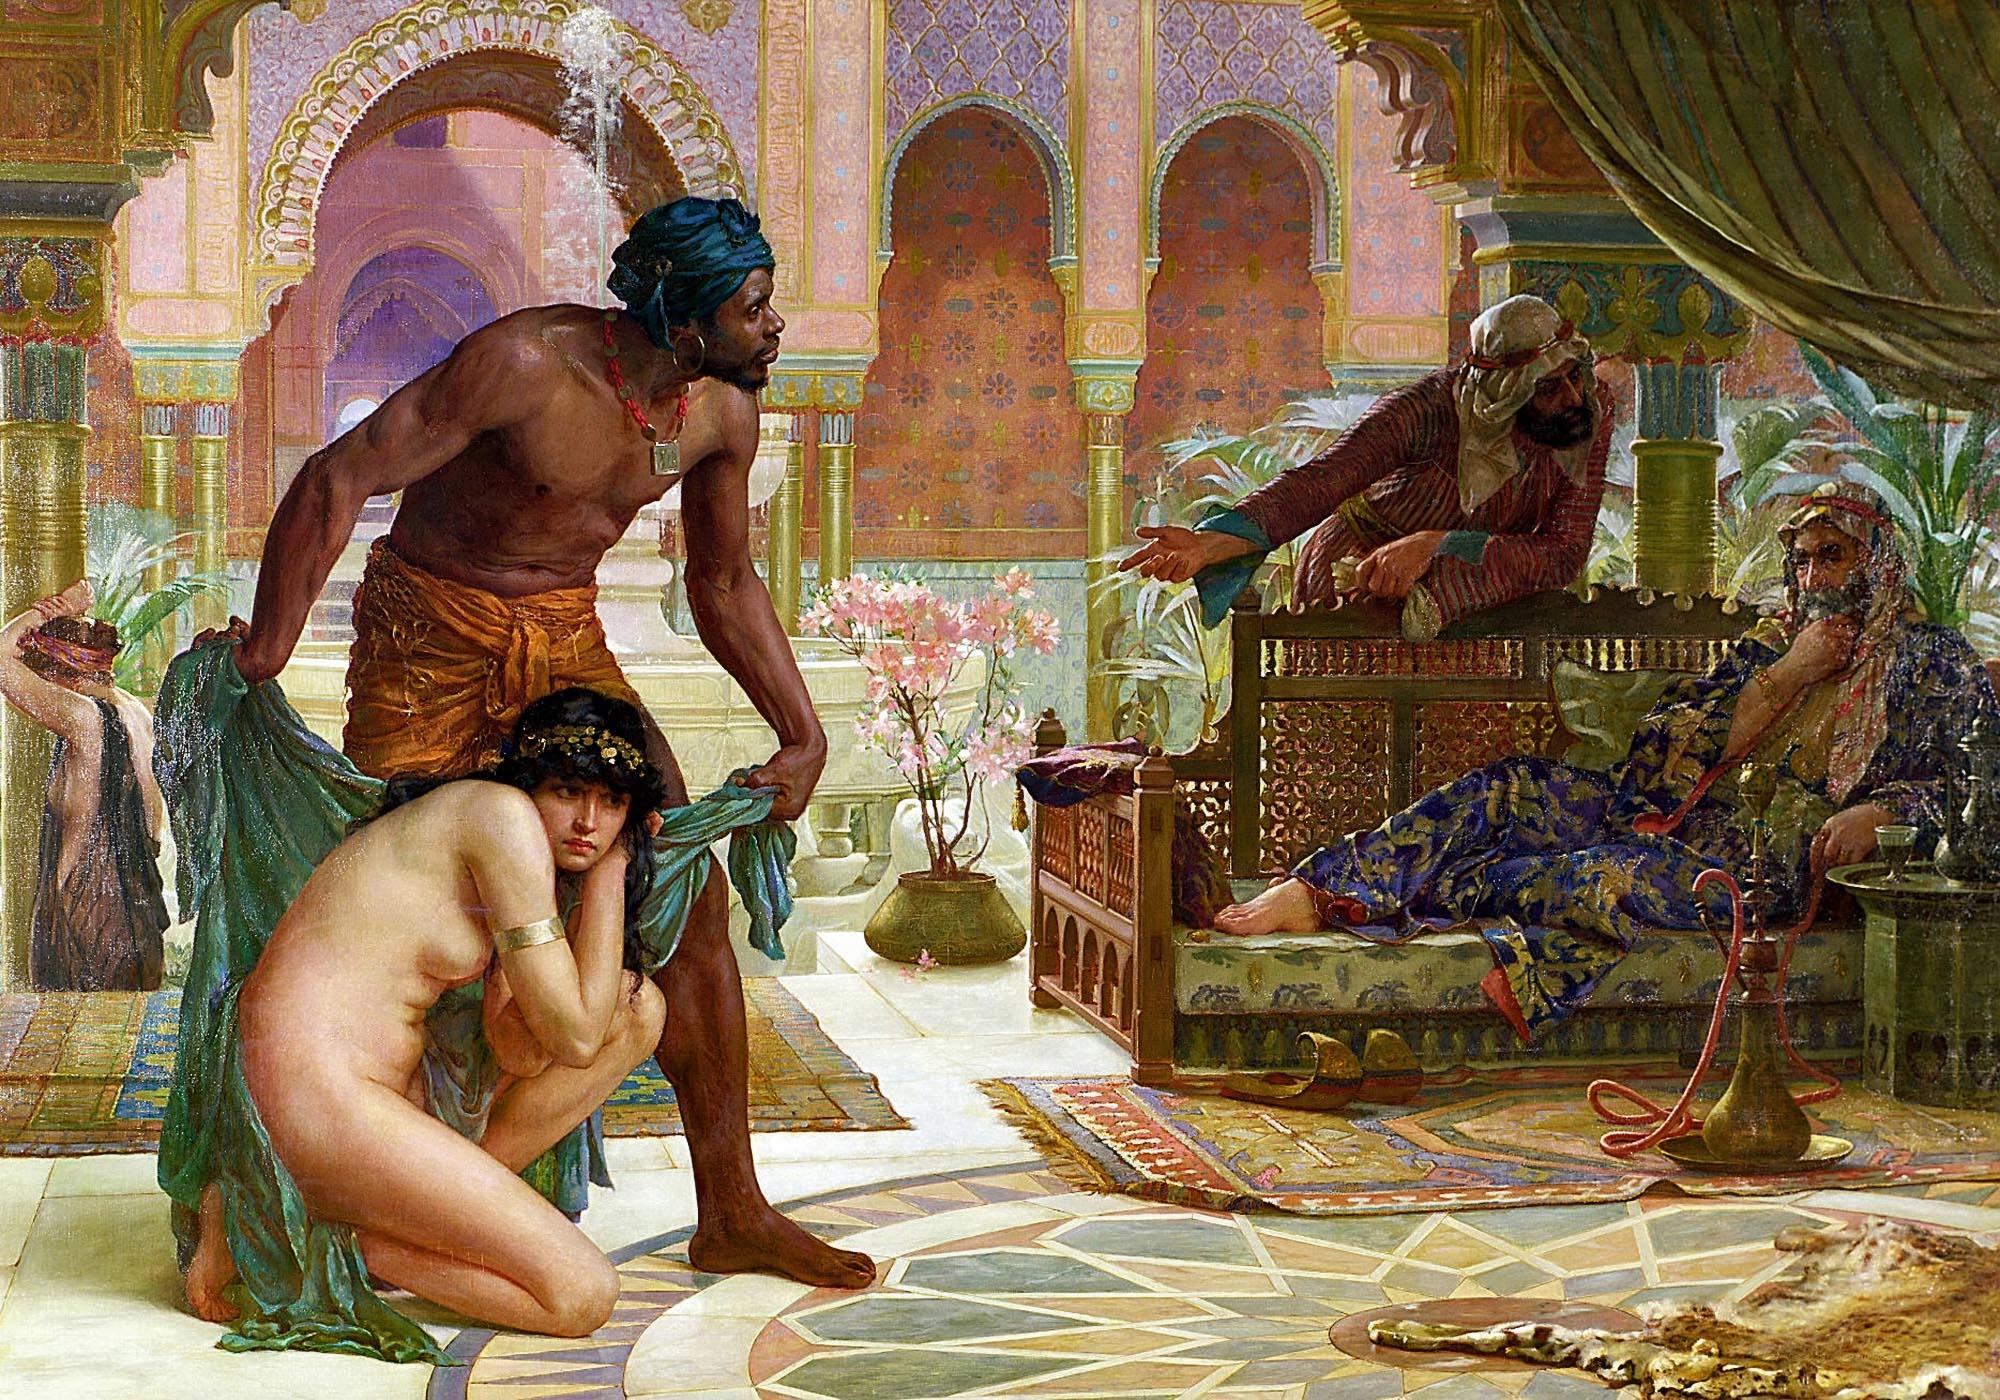 Смотреть онлайн секс господин раба госпожа раб, Русская госпожа срет на раба -видео. Смотреть 17 фотография